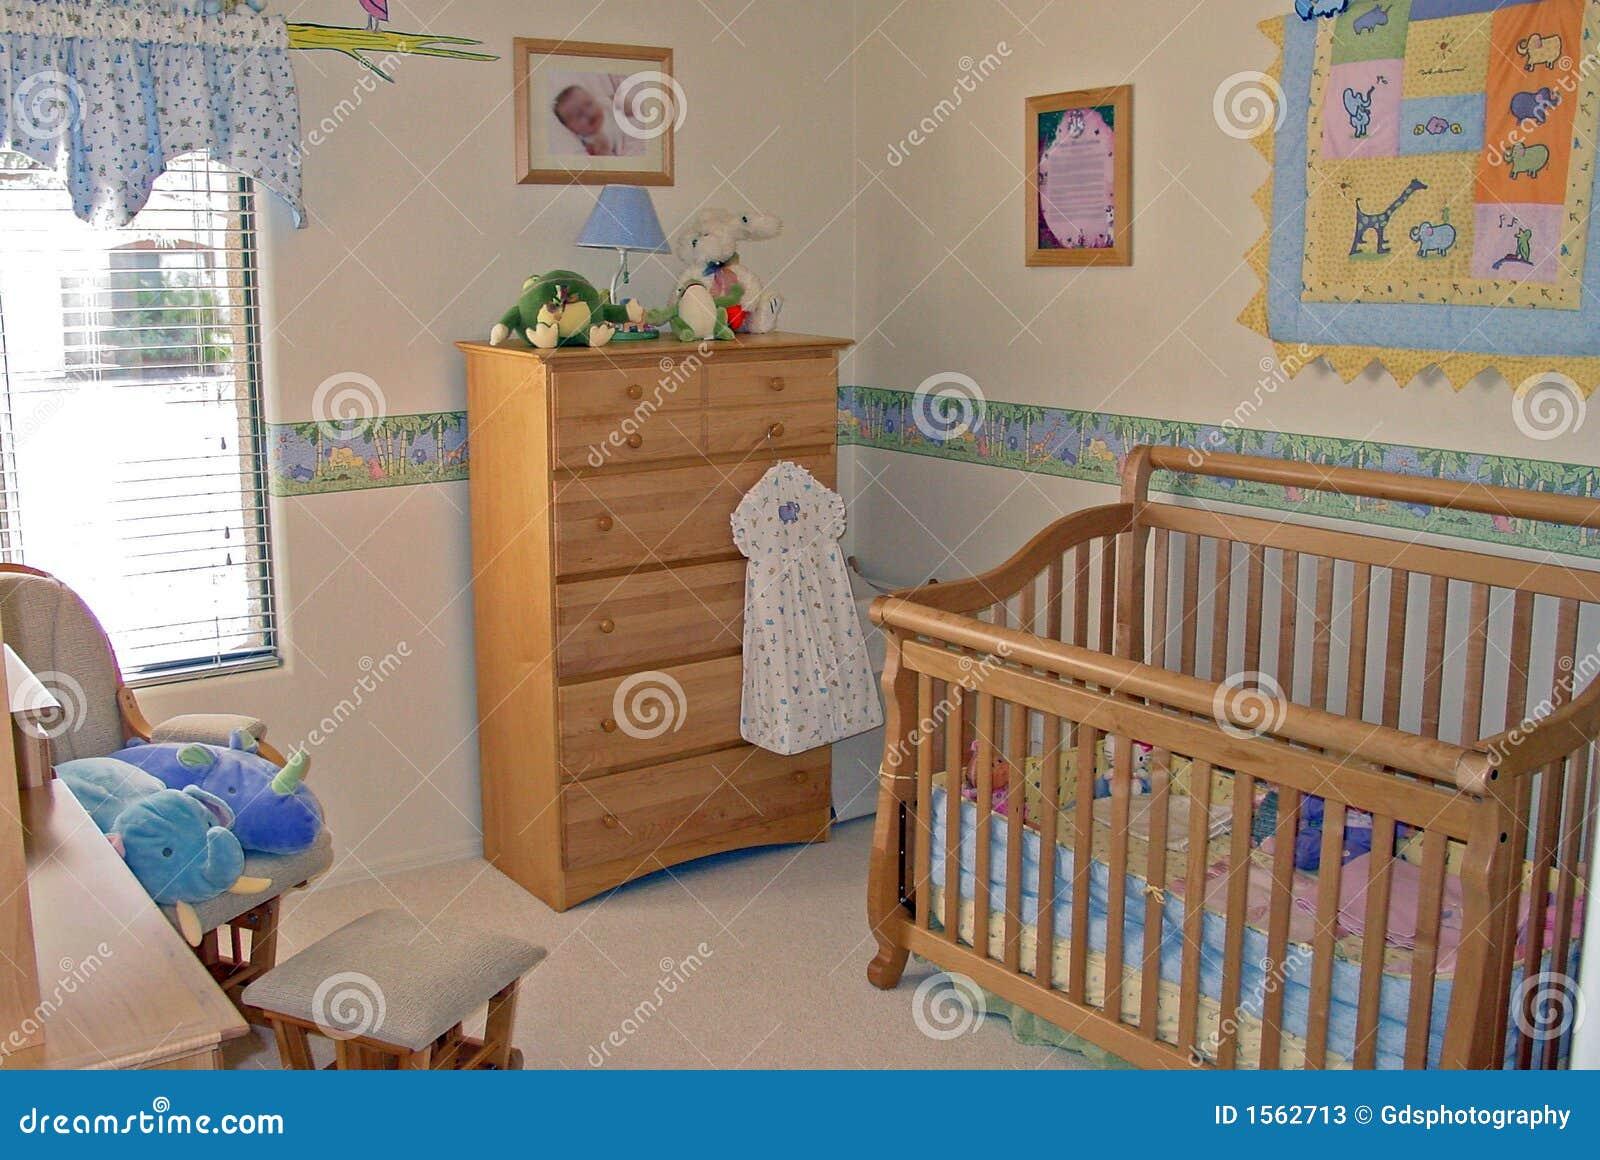 Slaapkamer Voor Baby.De Ruimte Van De Baby Van De Slaapkamer Stock Afbeelding